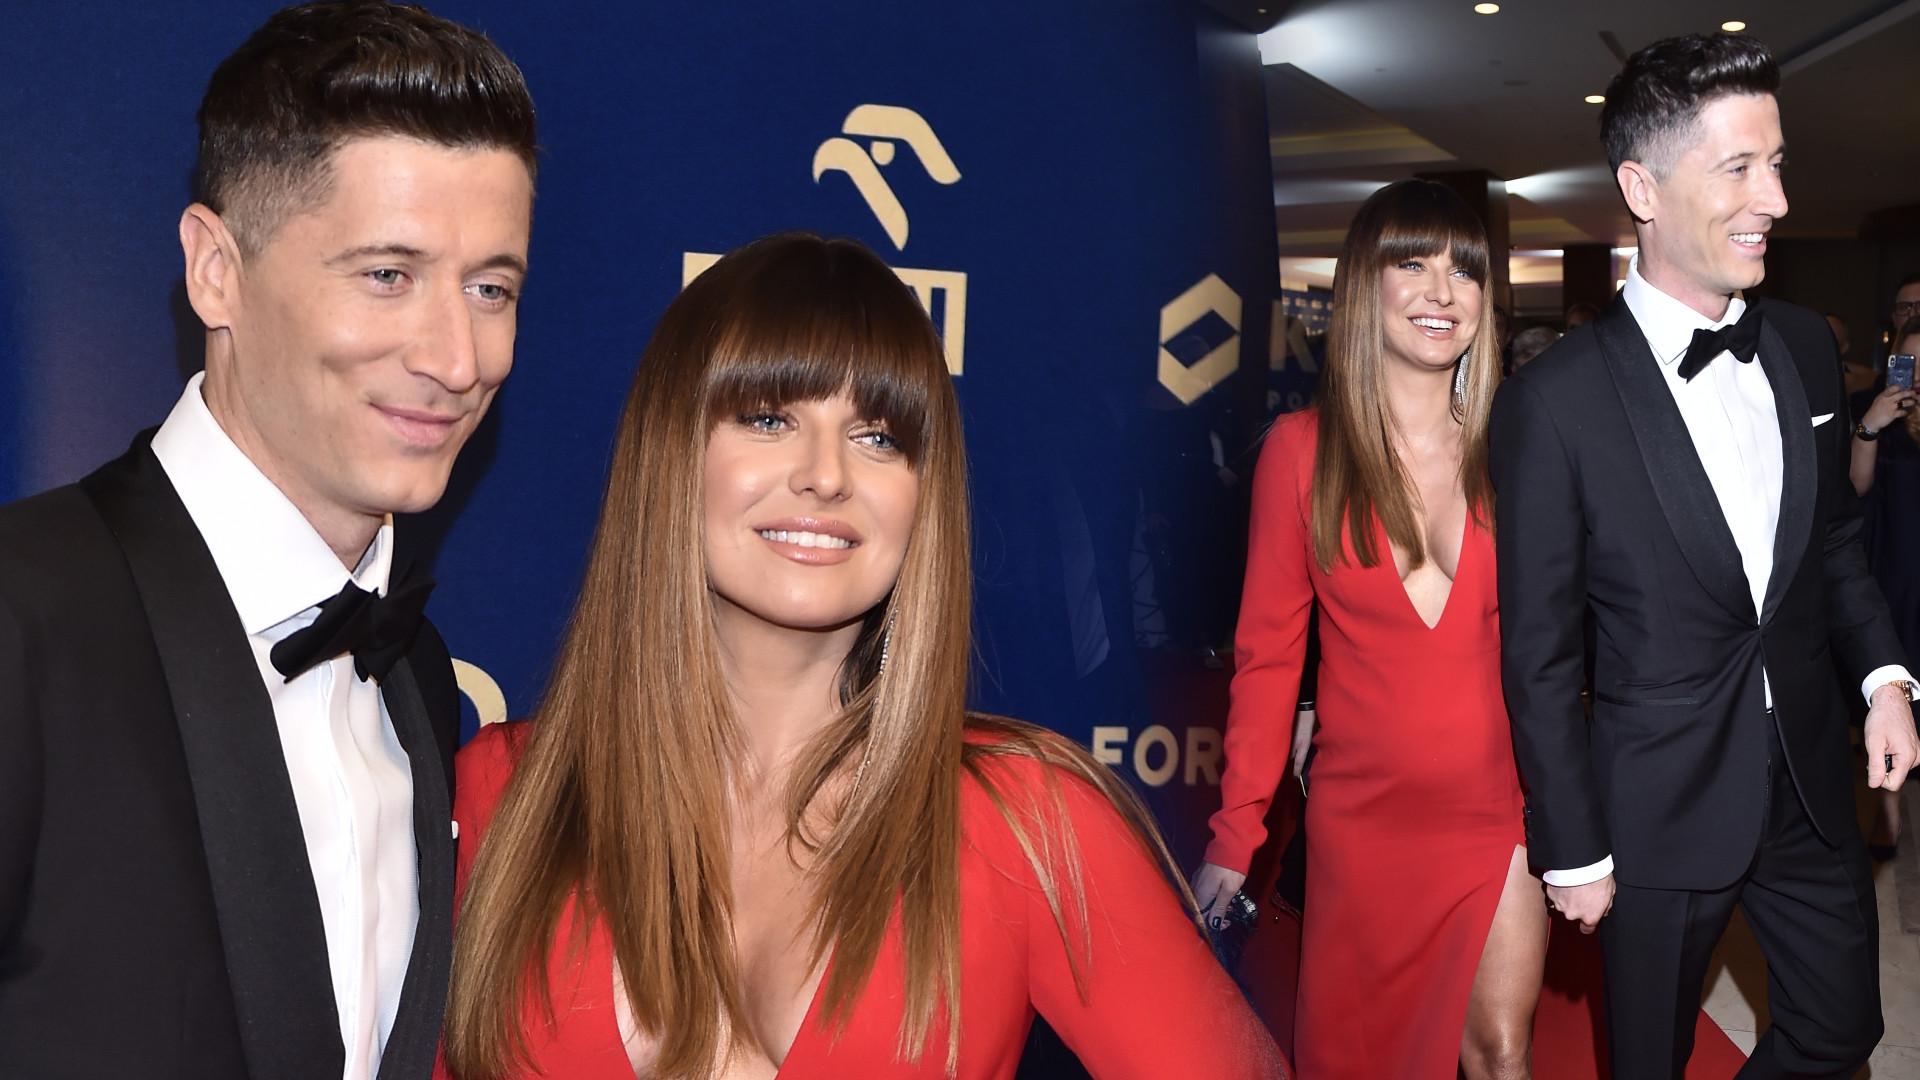 Anna Lewandowska na Gali Mistrzów Sportu w czerwonej sukience. Trzymała się za brzuszek (ZDJĘCIA)